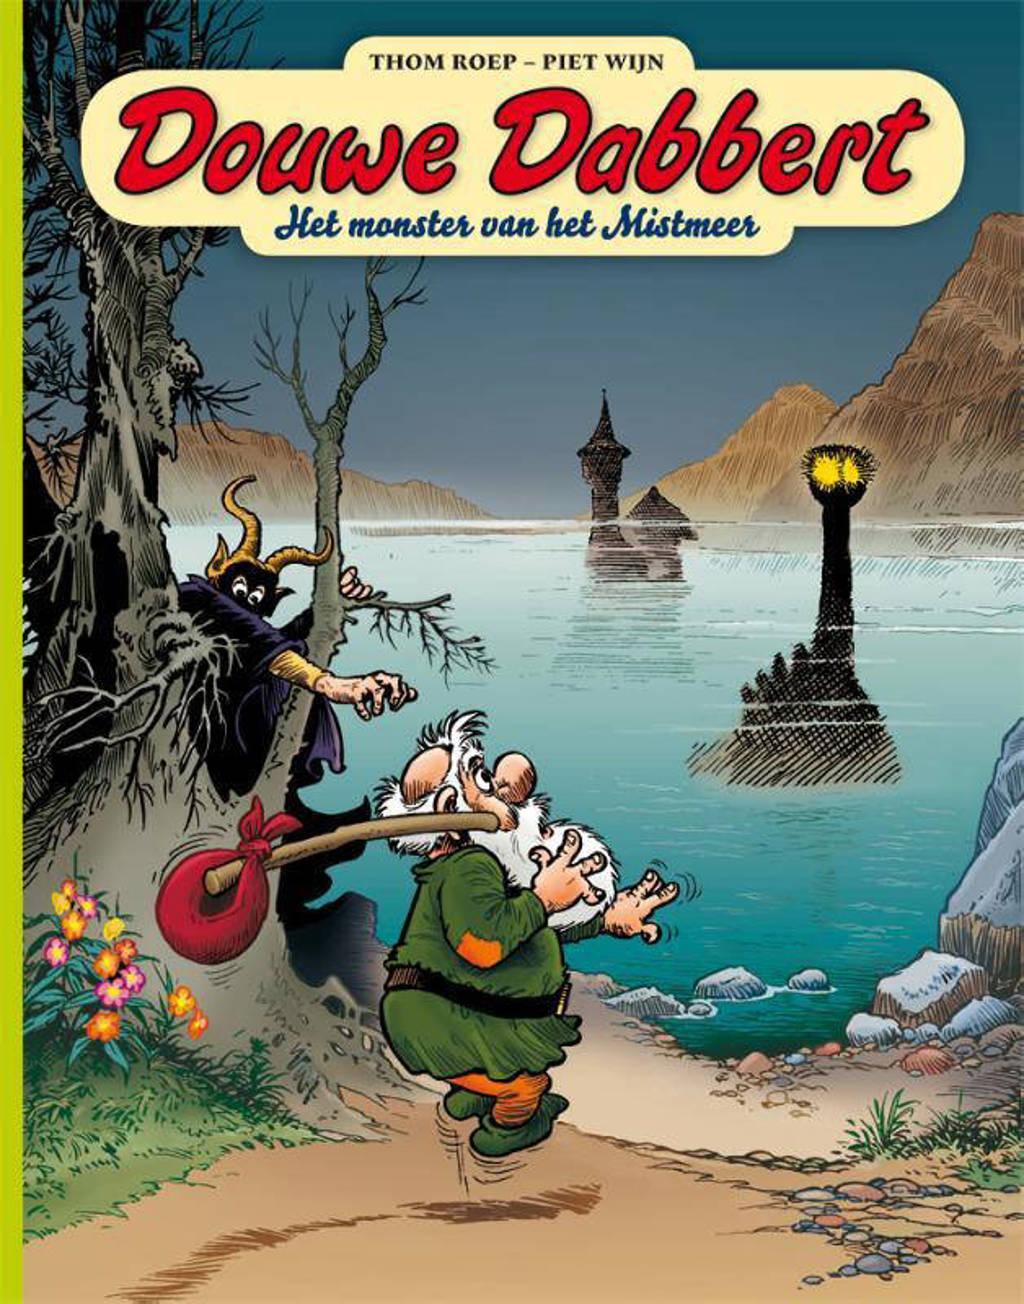 Douwe Dabbert: Het monster van het Mistmeer - Thom Roep en Piet Wijn